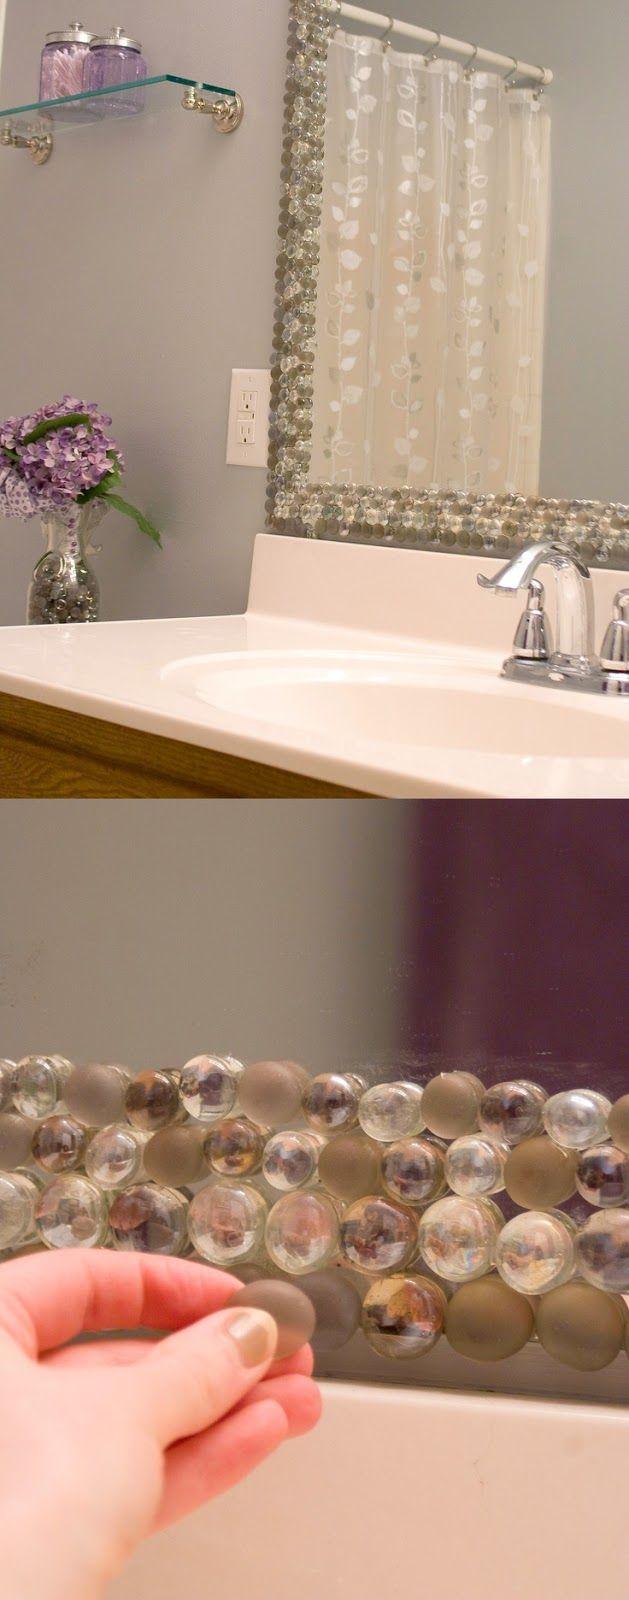 Reformar espelho do banheiro 4 id ias bbb mosaicos - Reformar bano barato ...